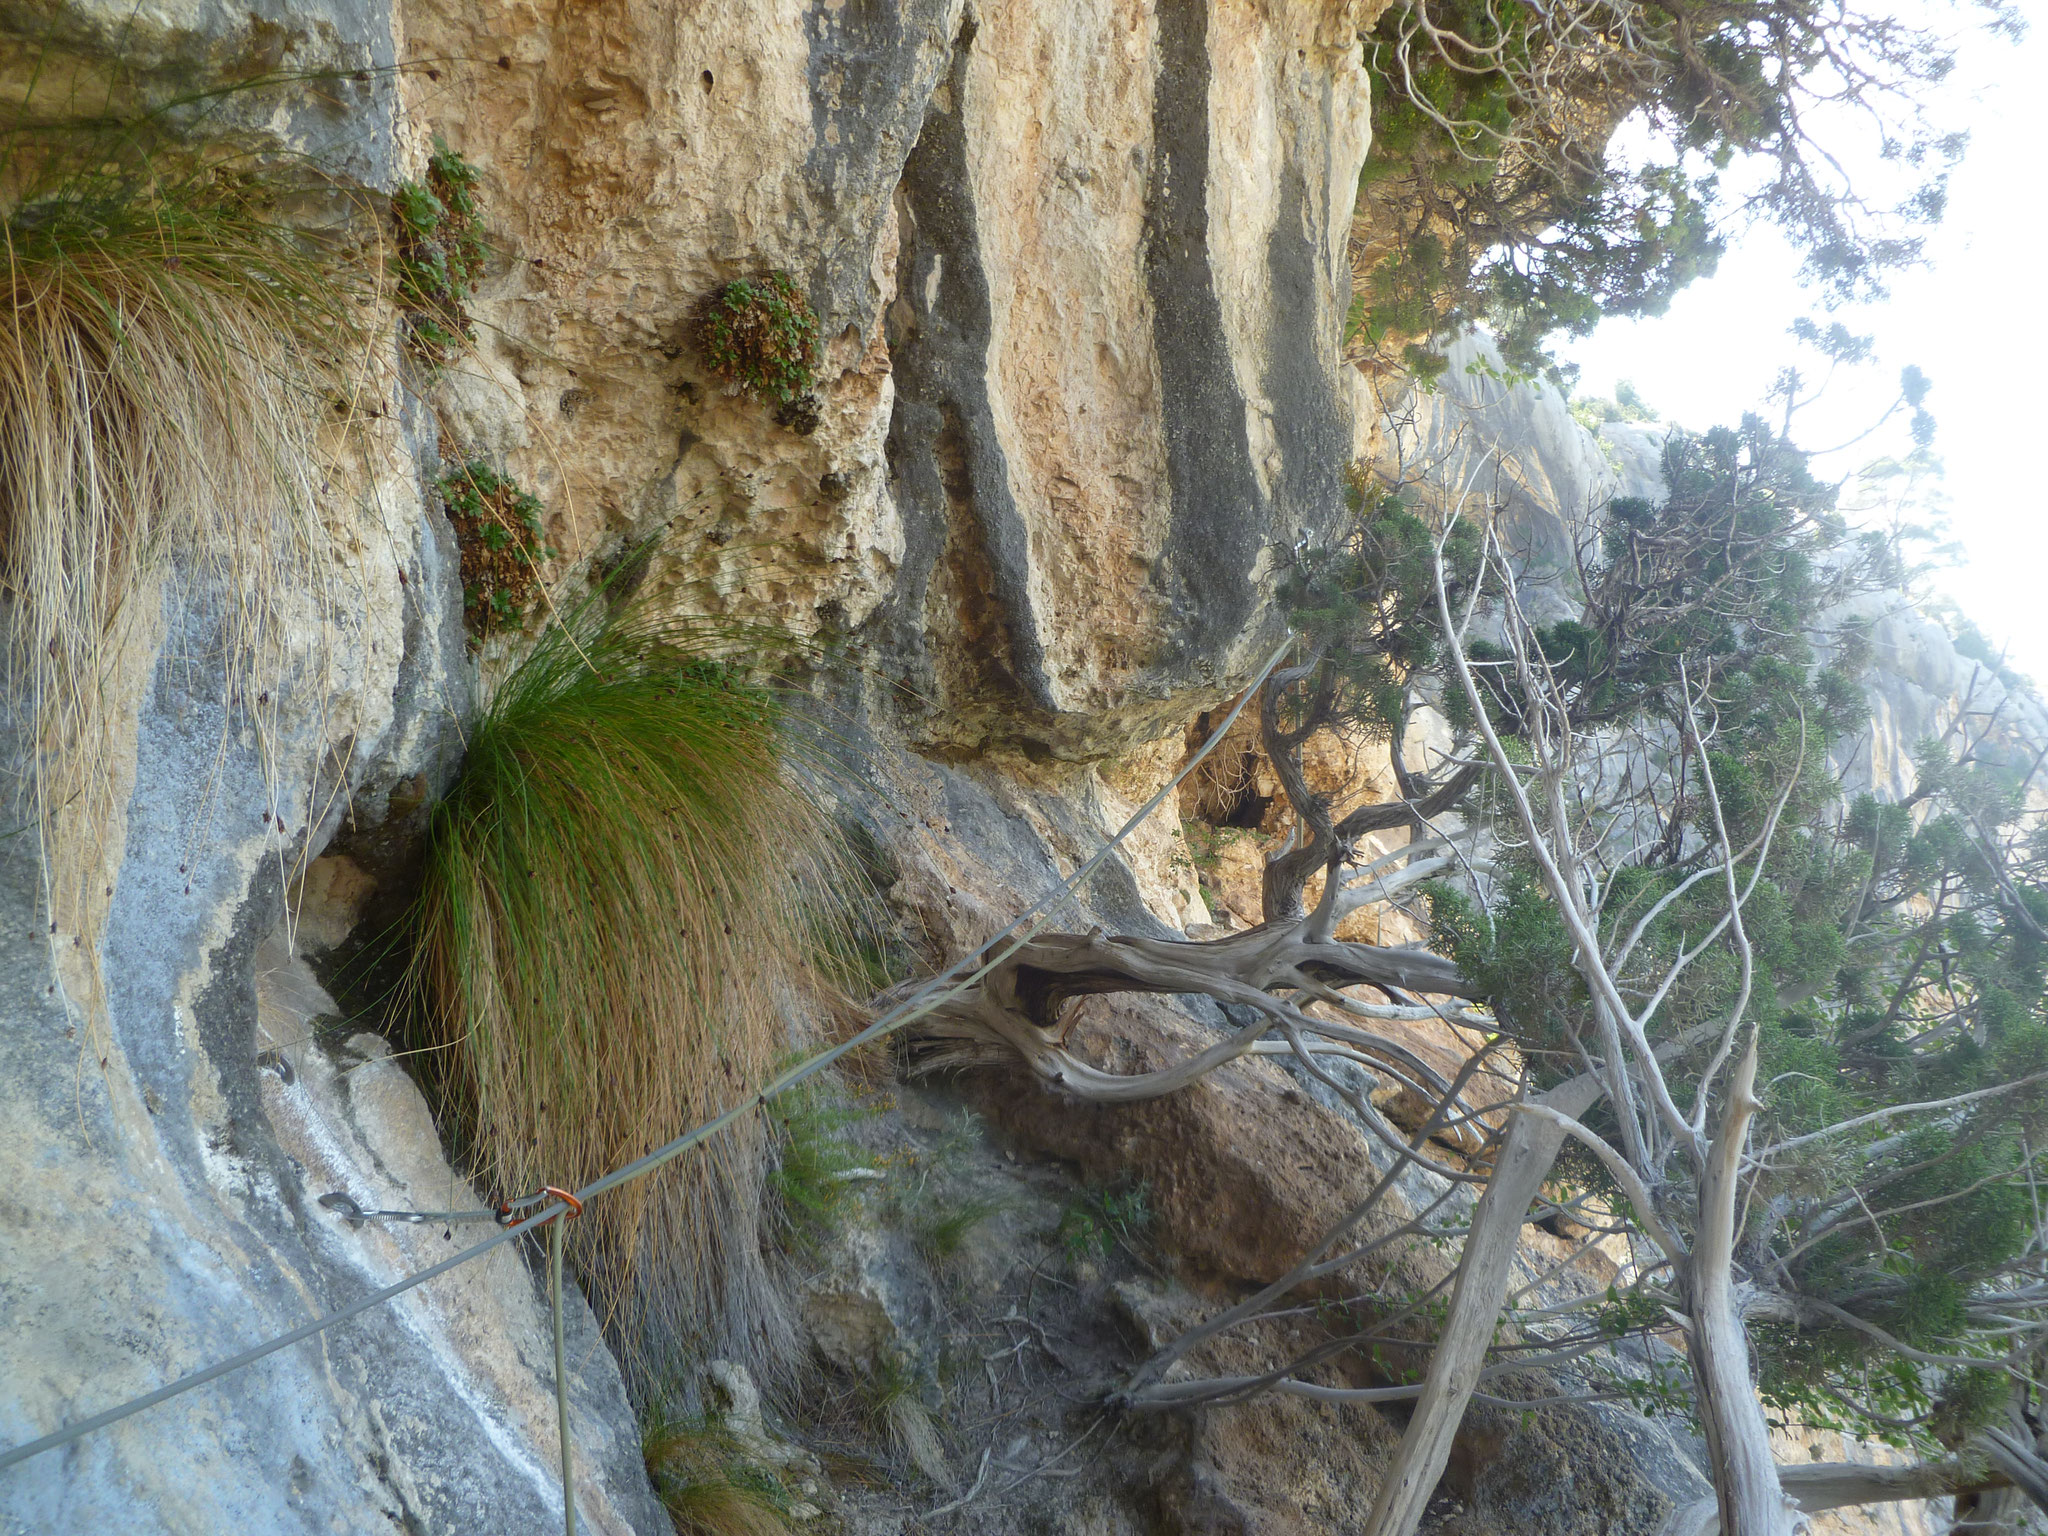 Die erste Quergangslänge: leicht und botanisch